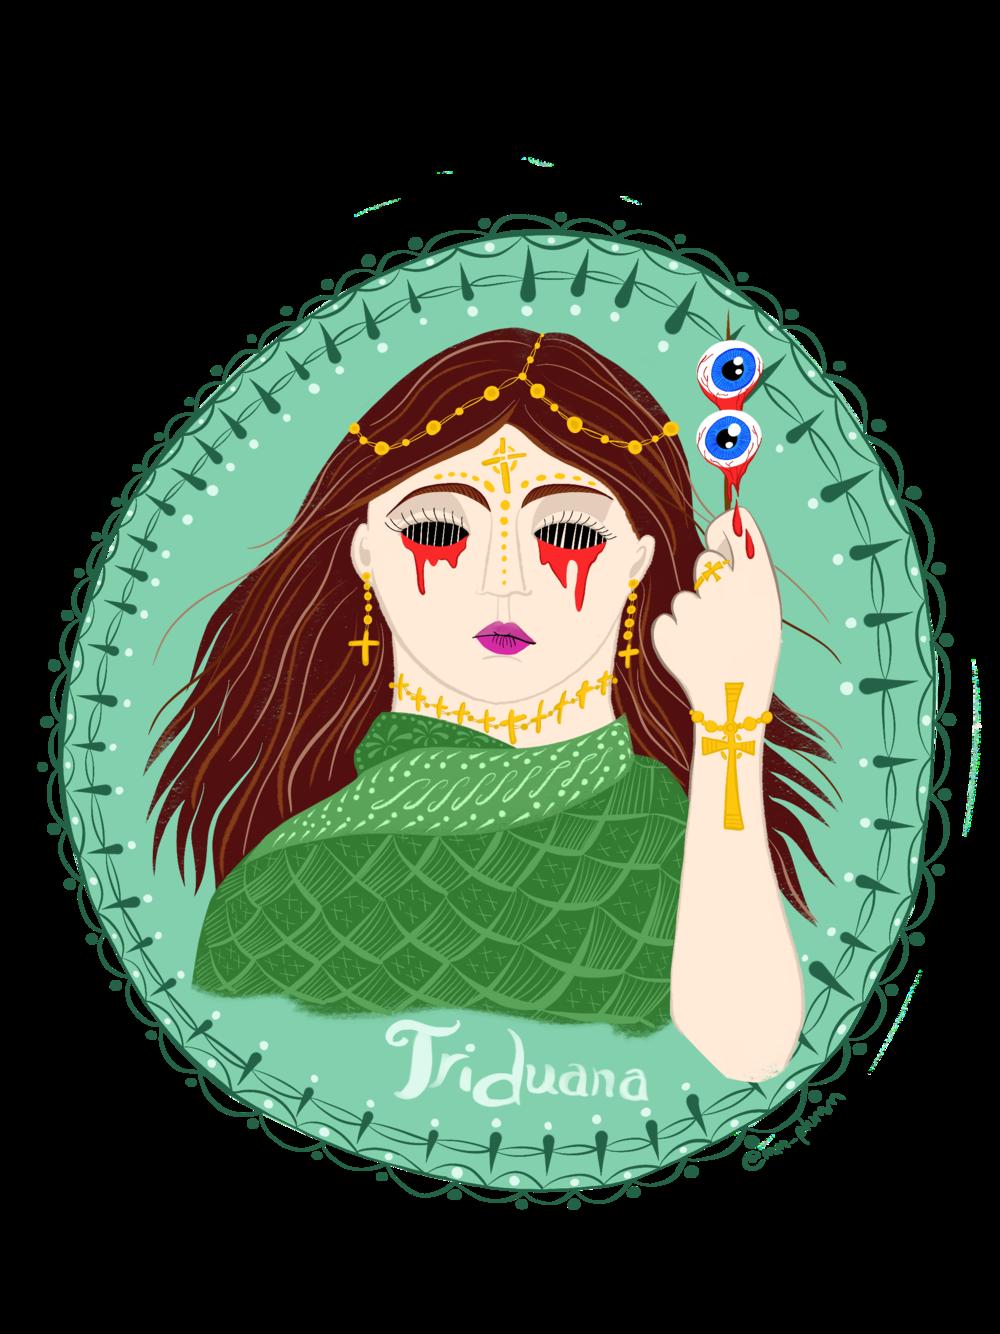 Triduana, or St. Tredwell